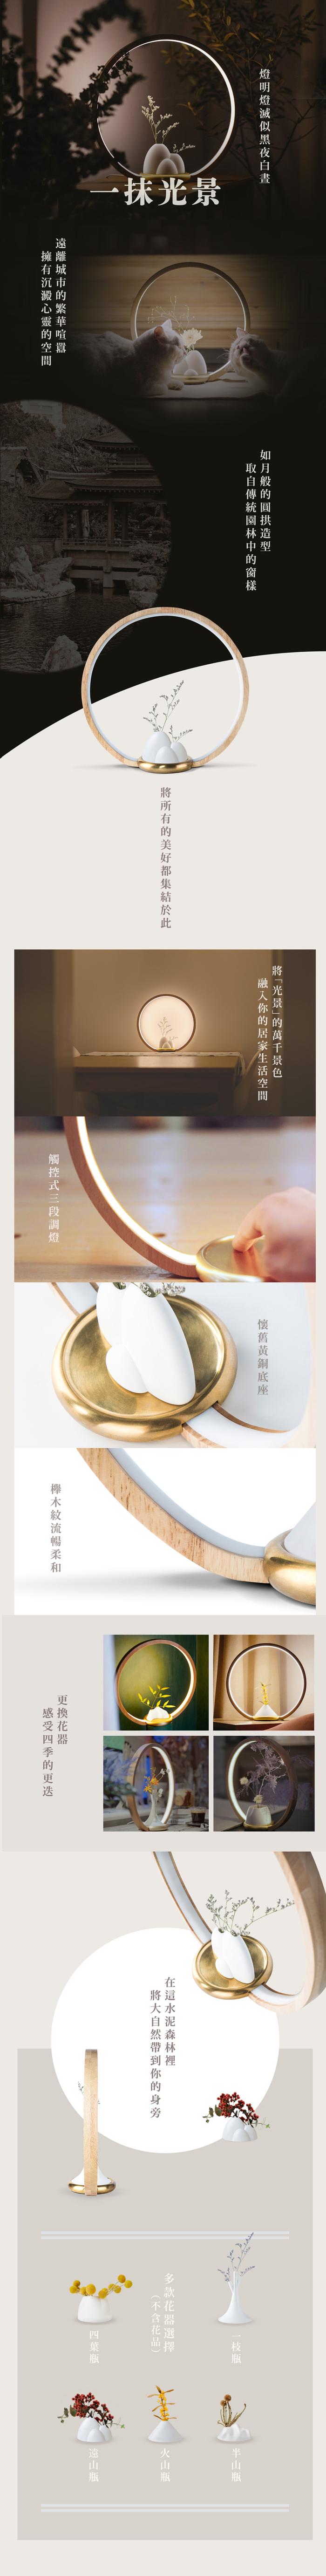 FOOKOO | 一抹光景 LED檯燈/原木款 - 一枝瓶